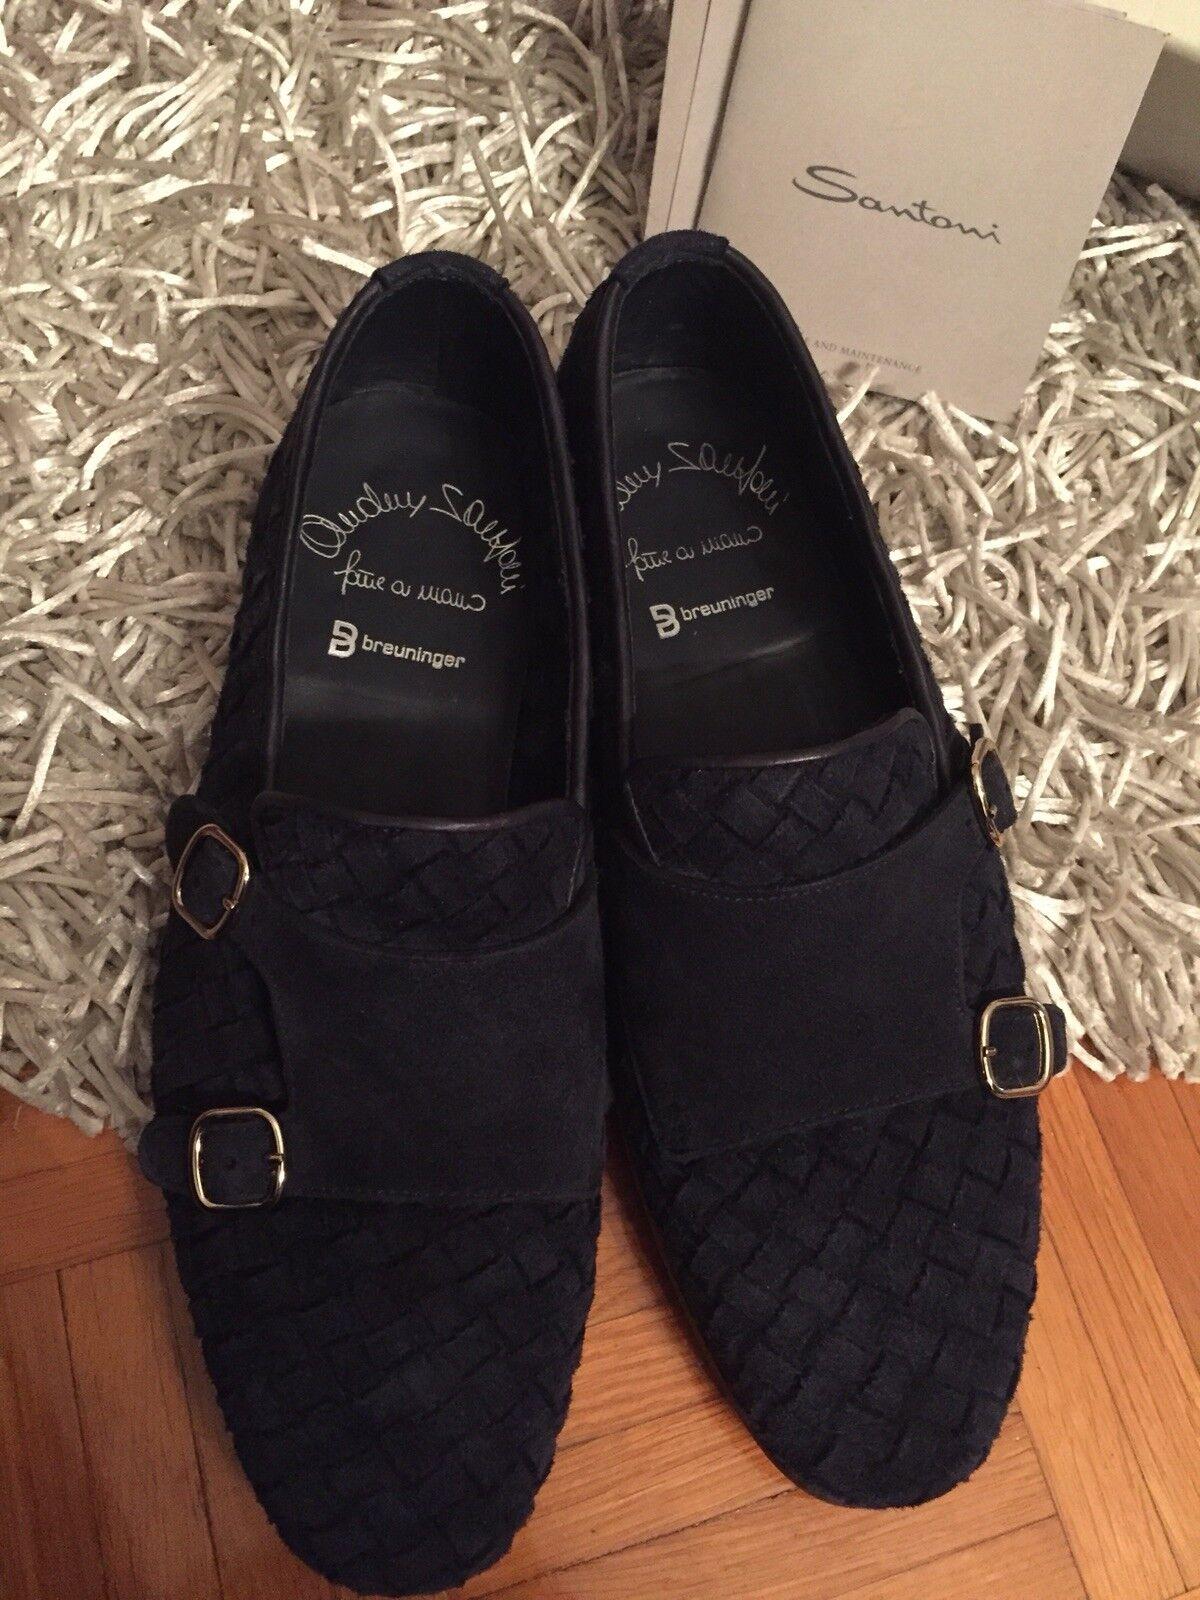 Santoni Herren dunkelblau Schuhe Gr.6,5 dunkelblau Herren Top 9917e6